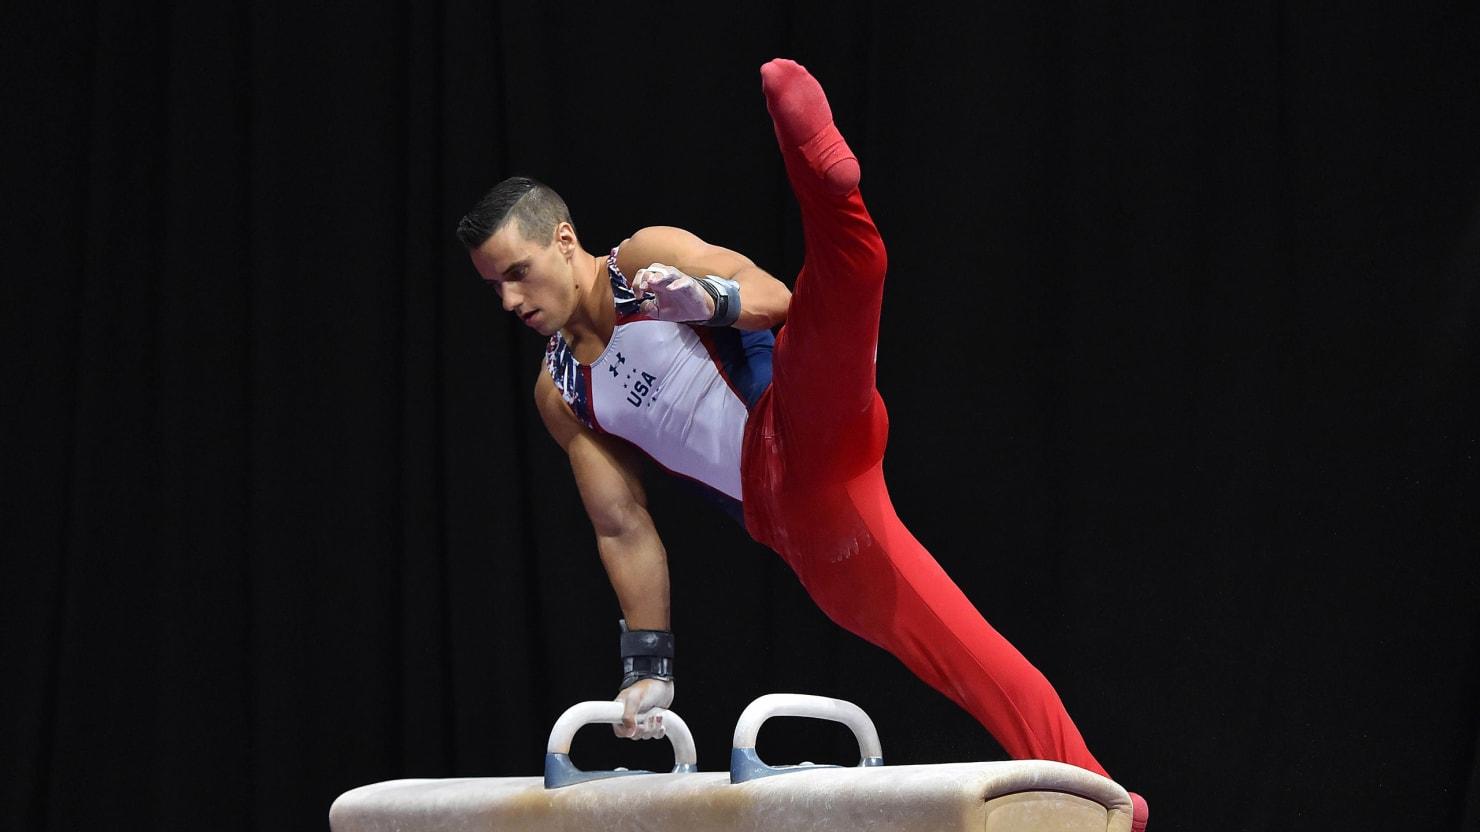 Rio Olympics 2016: How to Watch USA Men's Gymnastics Team ...